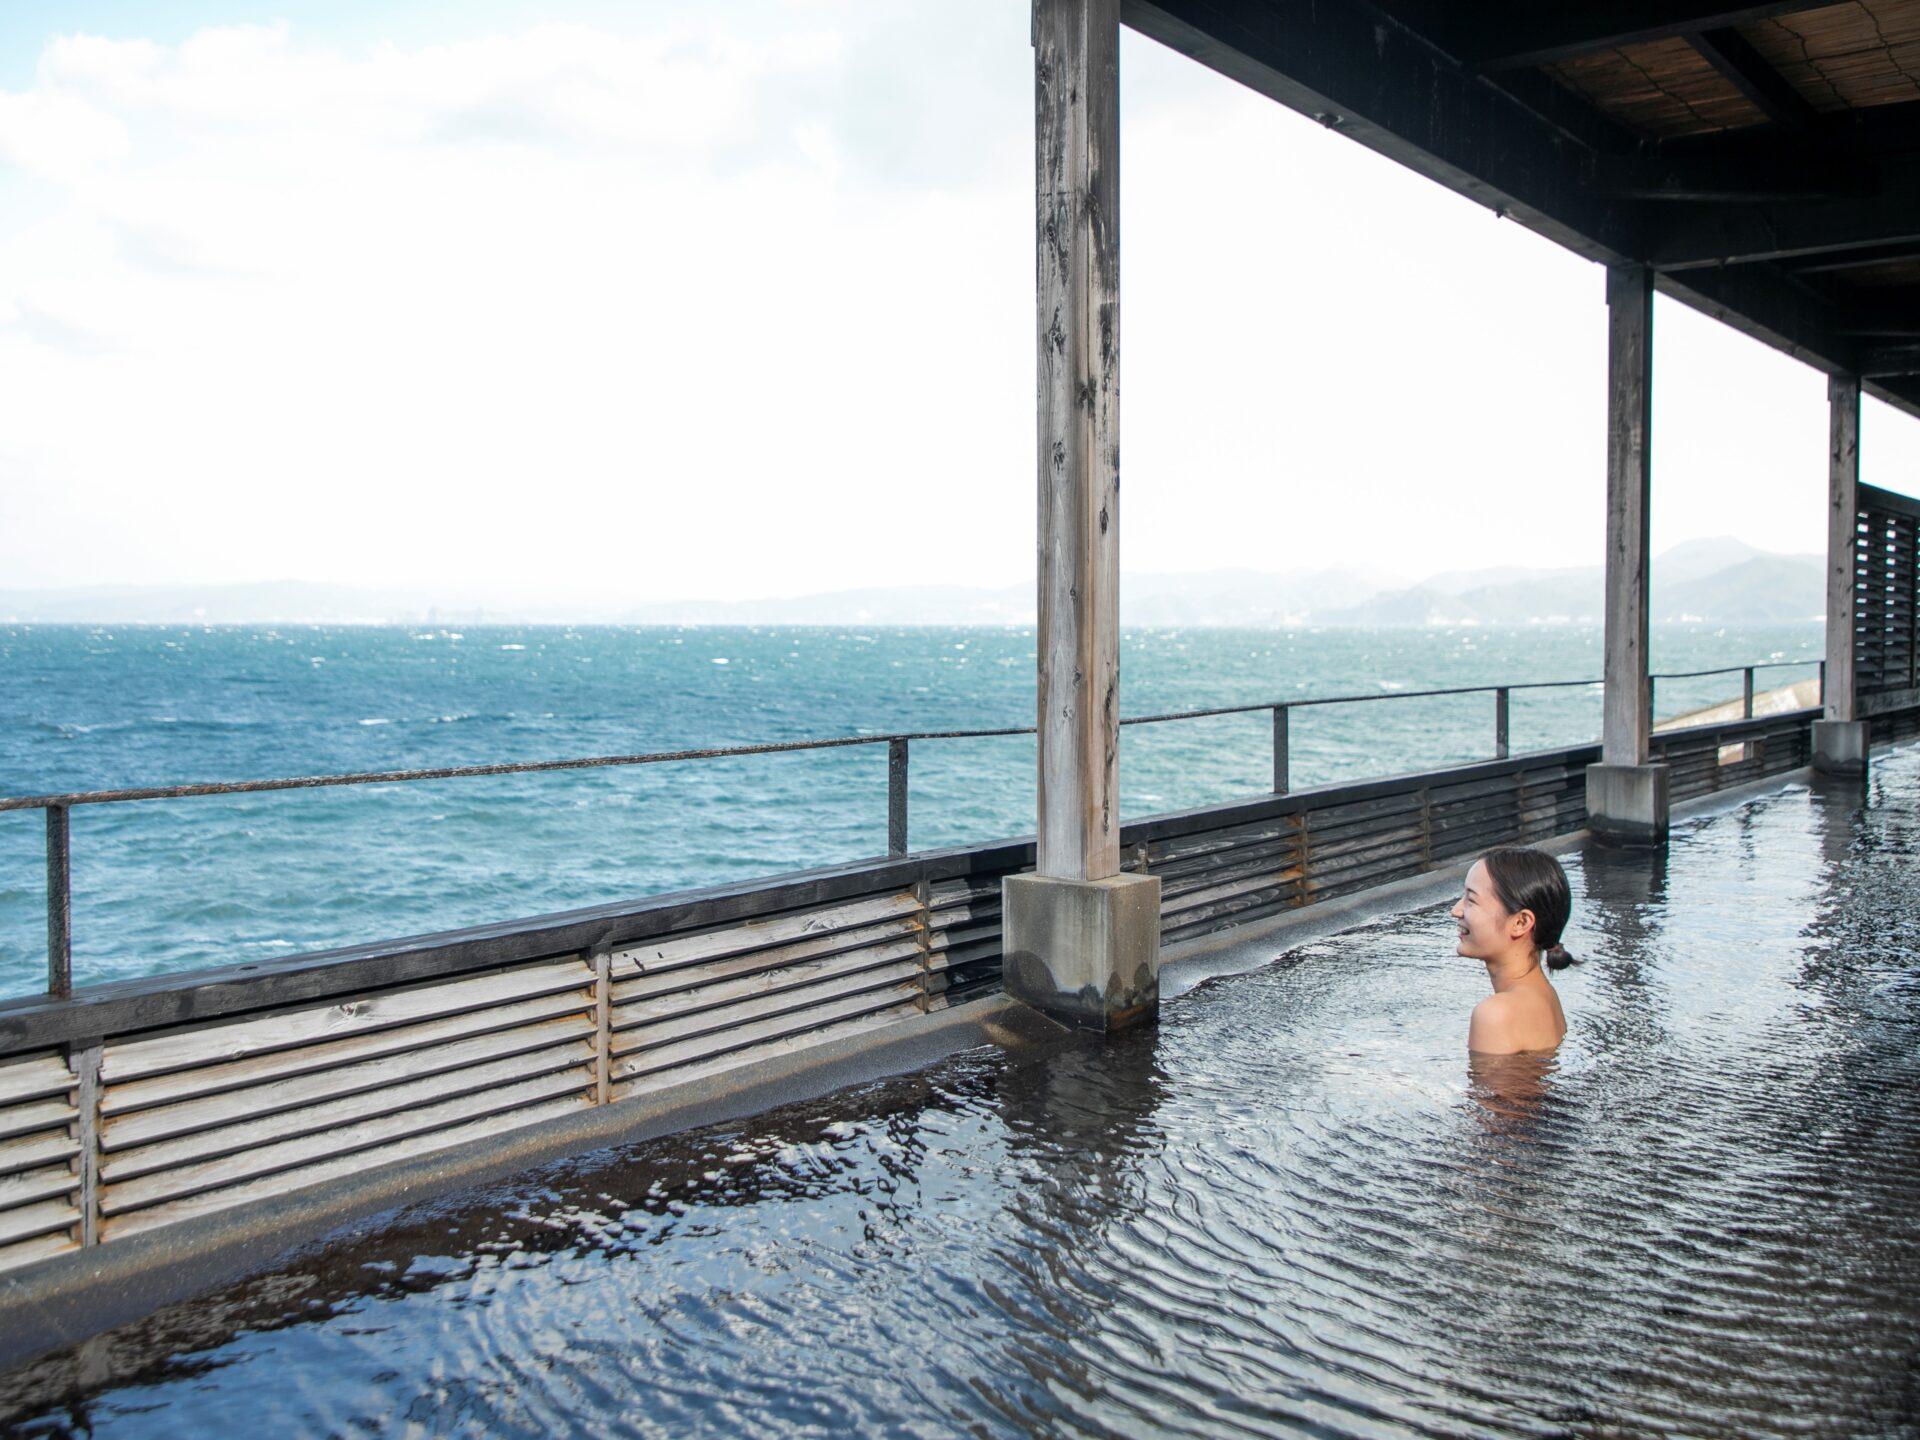 【長崎県民限定・和食】海を臨む2つの天然温泉・スパテーマパークやアクティビティを満喫!1泊2食付き和食プラン